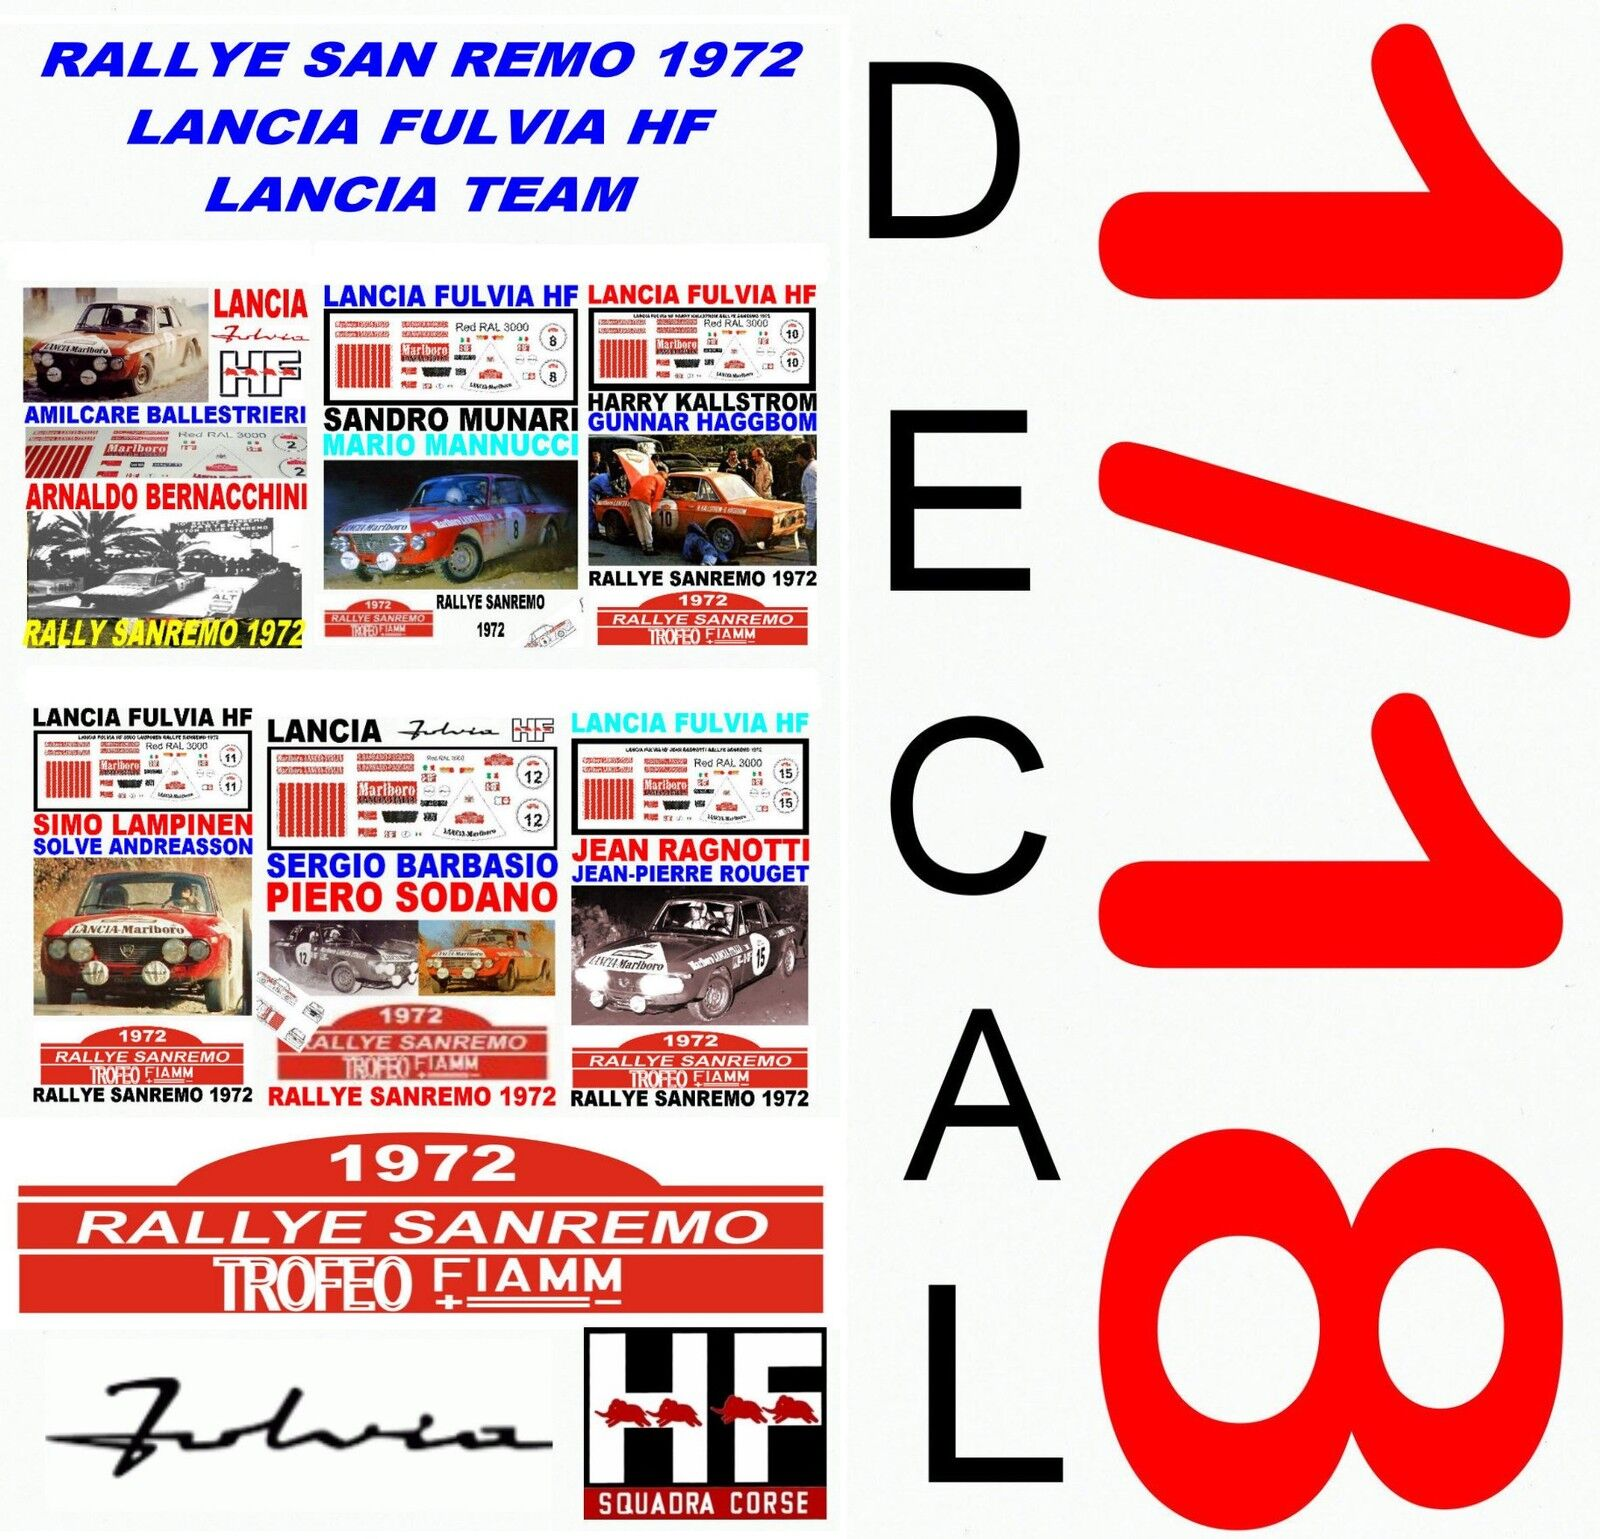 DECAL 1 18 SET RALLYE SAN REMO 1972 LANCIA FULVIA HF LANCIA TEAM (01)